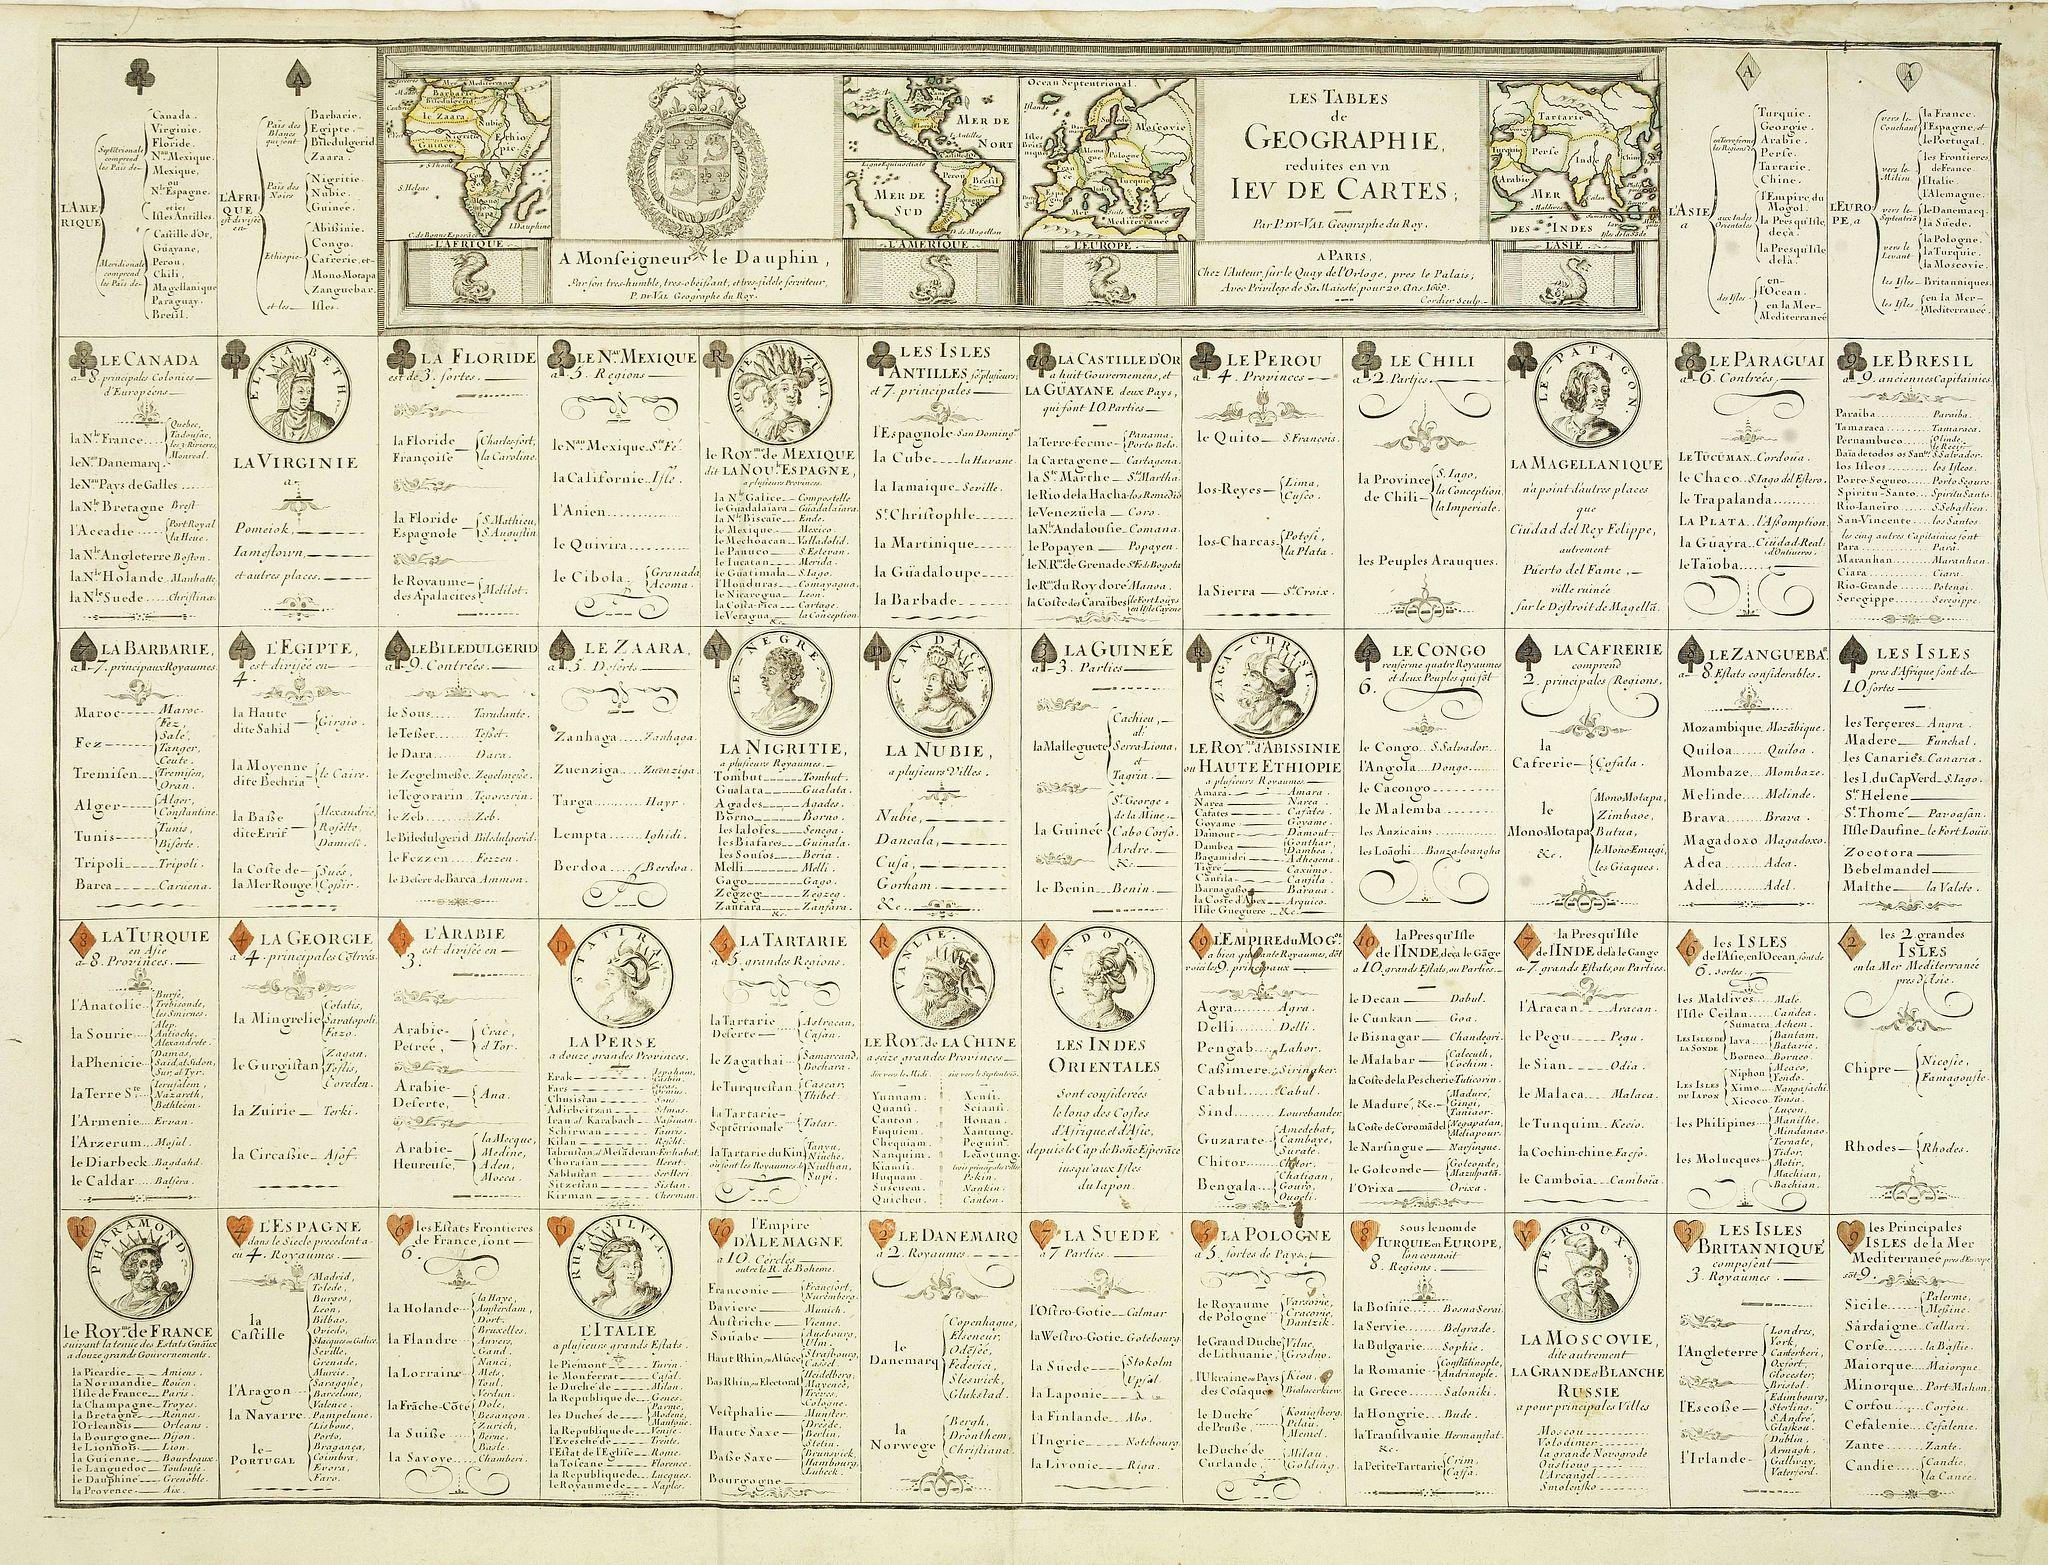 DU VAL, P. -  Les Tables de Geographie, reduites en un Jeu de Cartes.